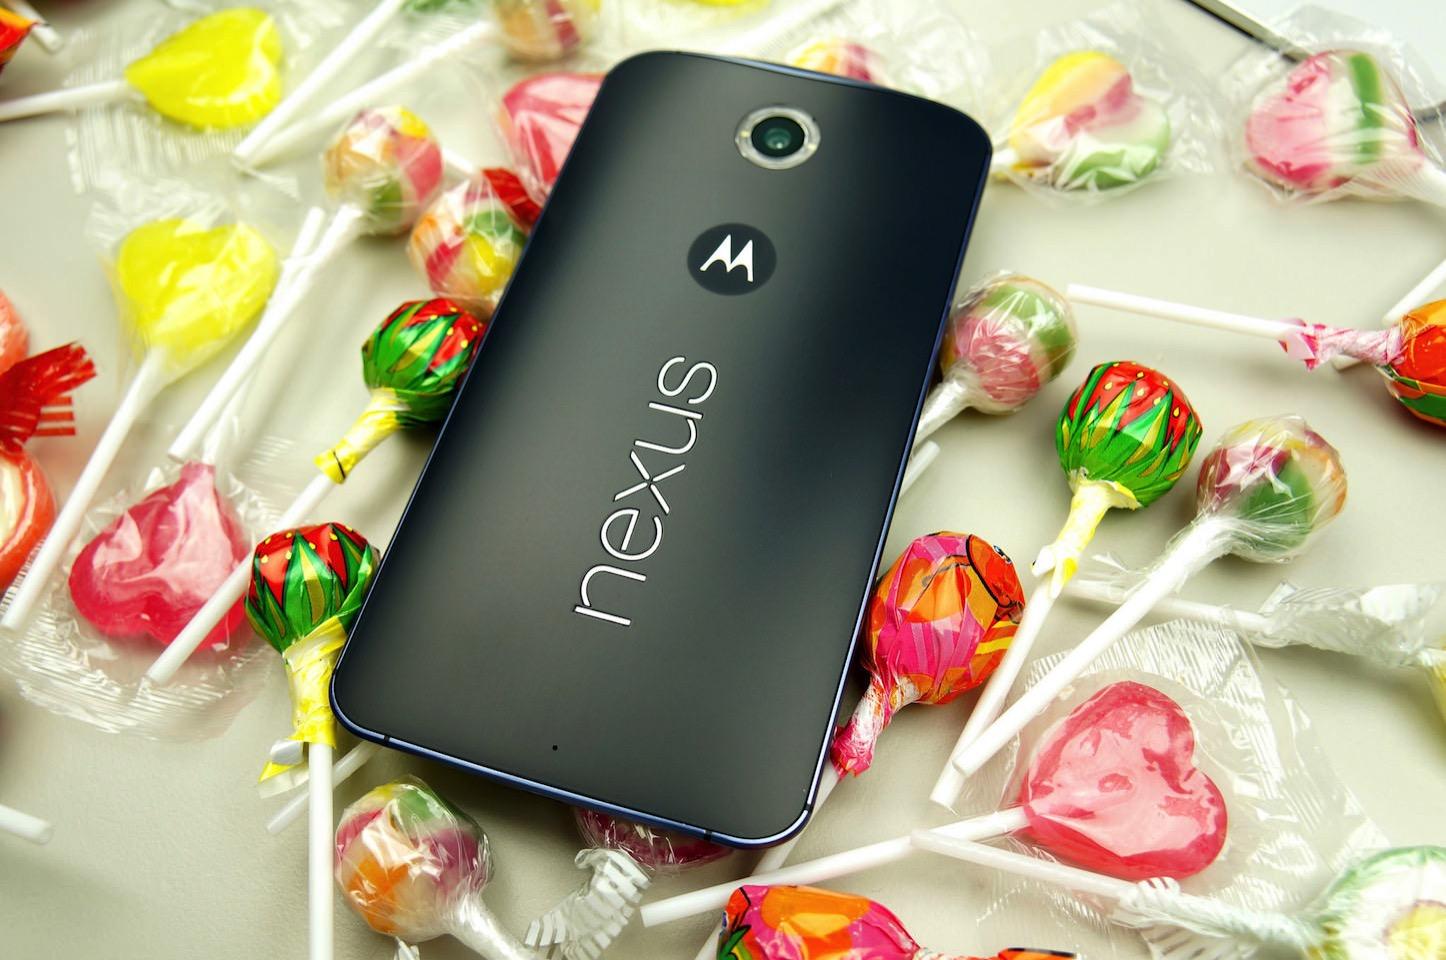 Nexus Smartphone Lollipops